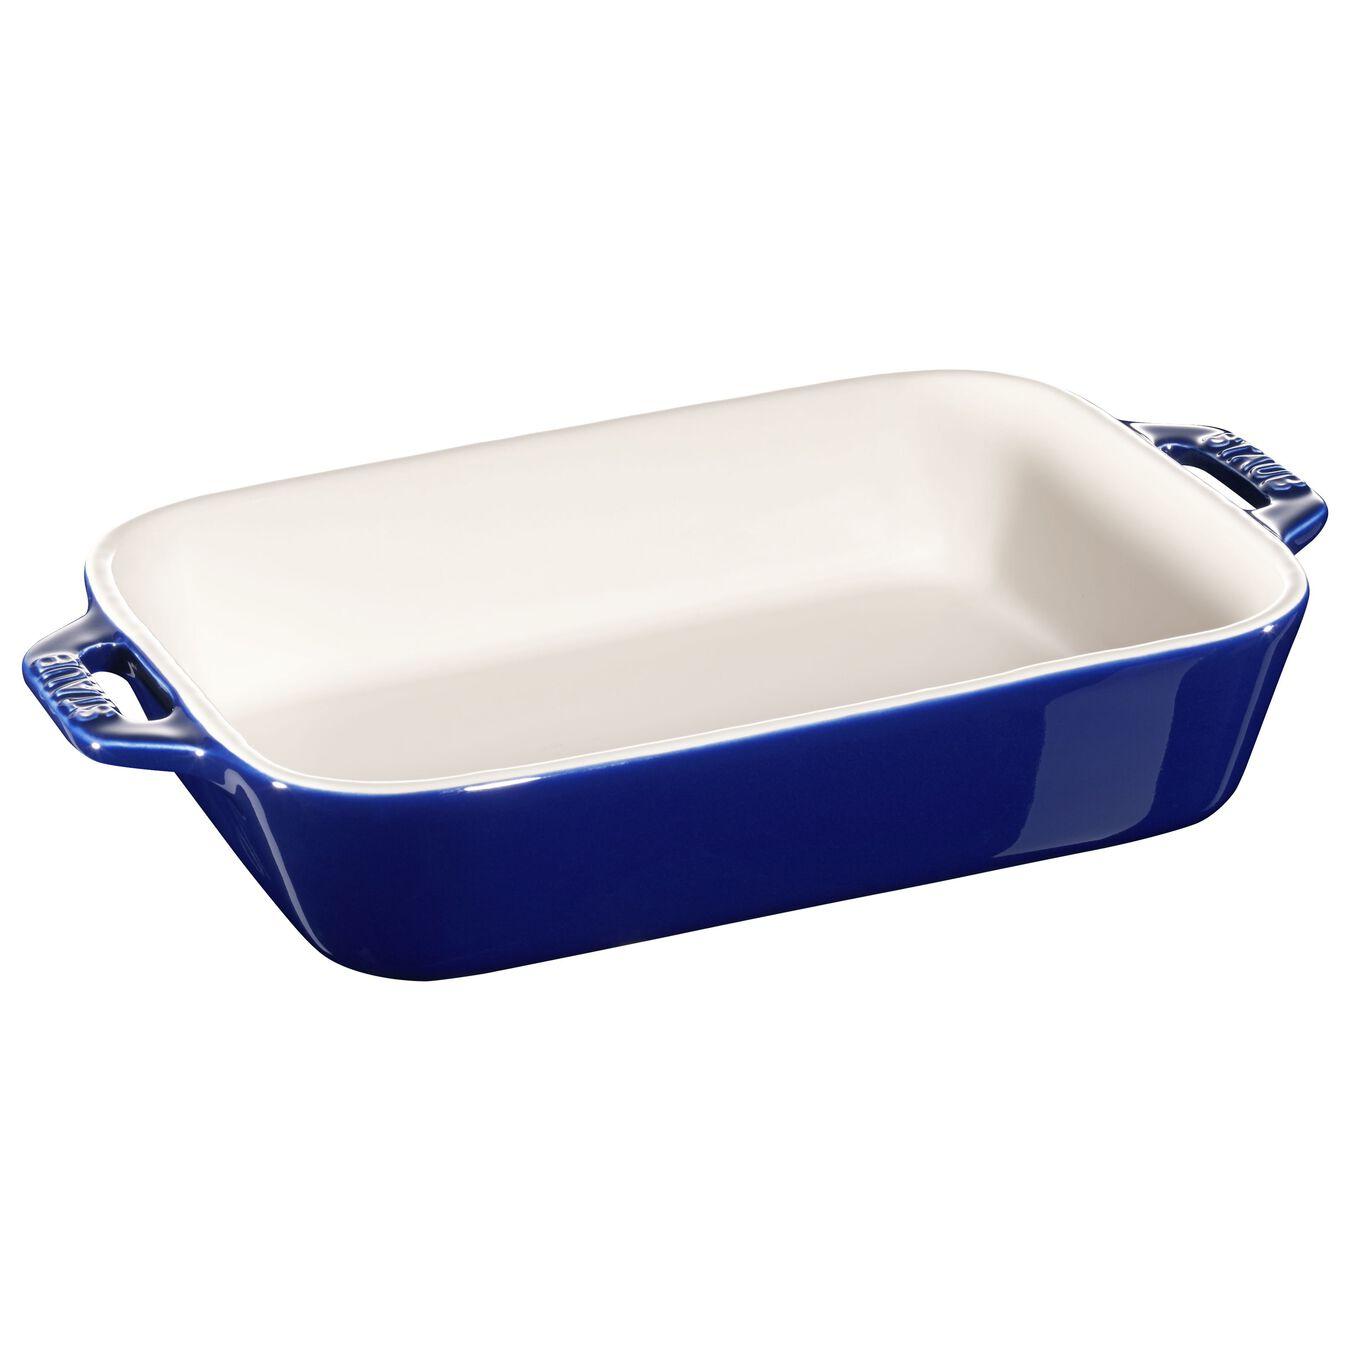 2-pc Rectangular Baking Dish Set - Dark Blue,,large 3